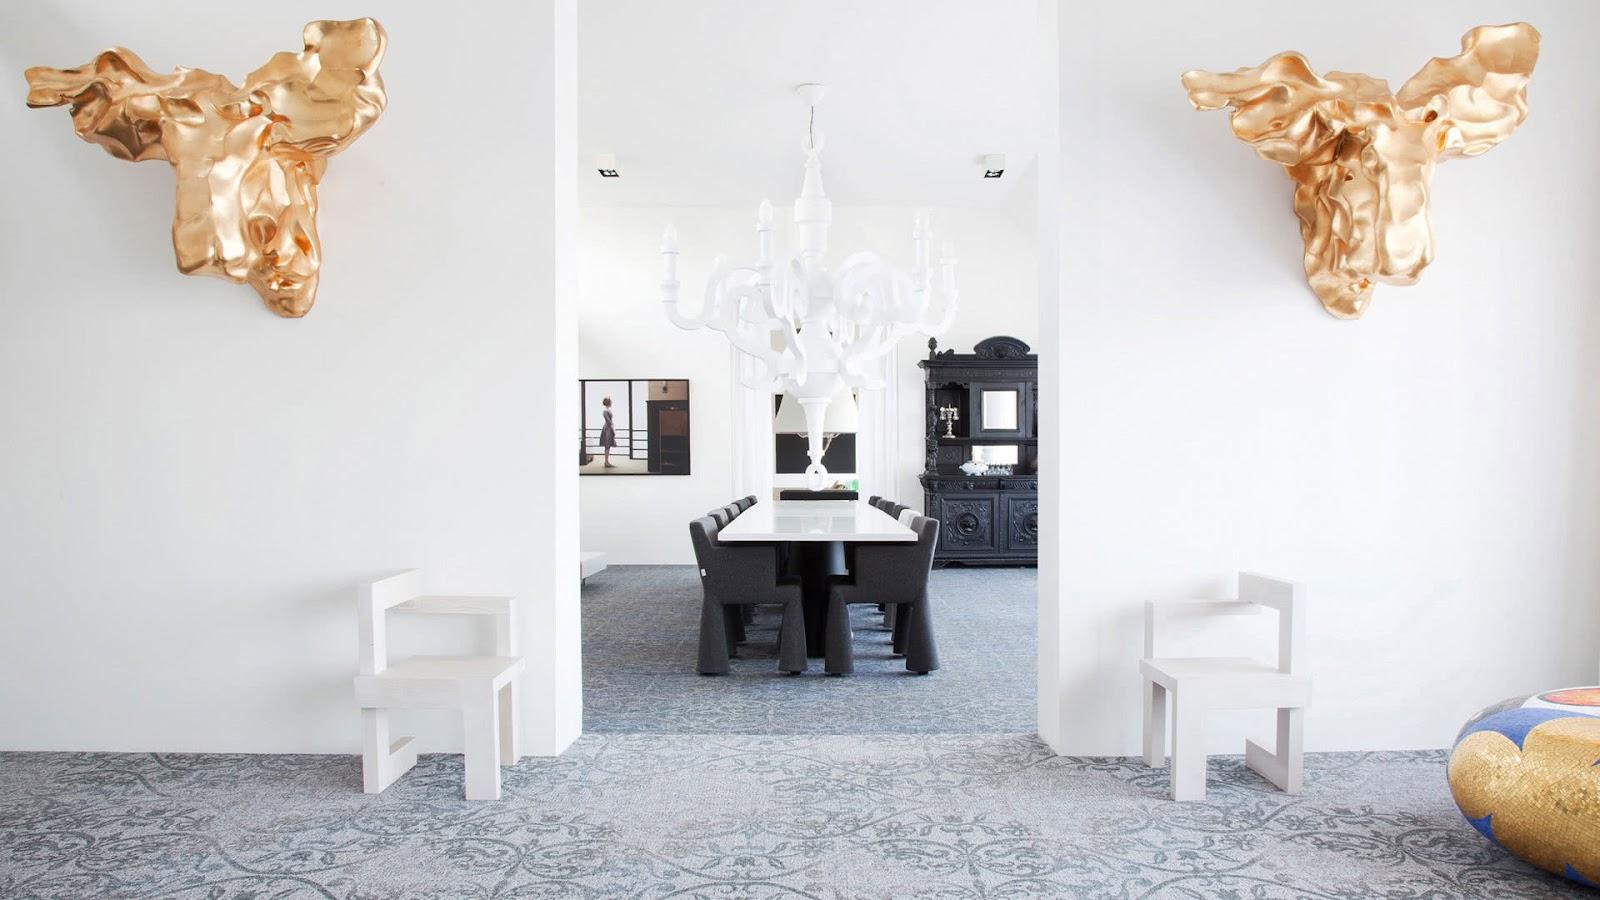 Salah satu proyek interior karya Marcel Wanders - source: marcelwanders.com